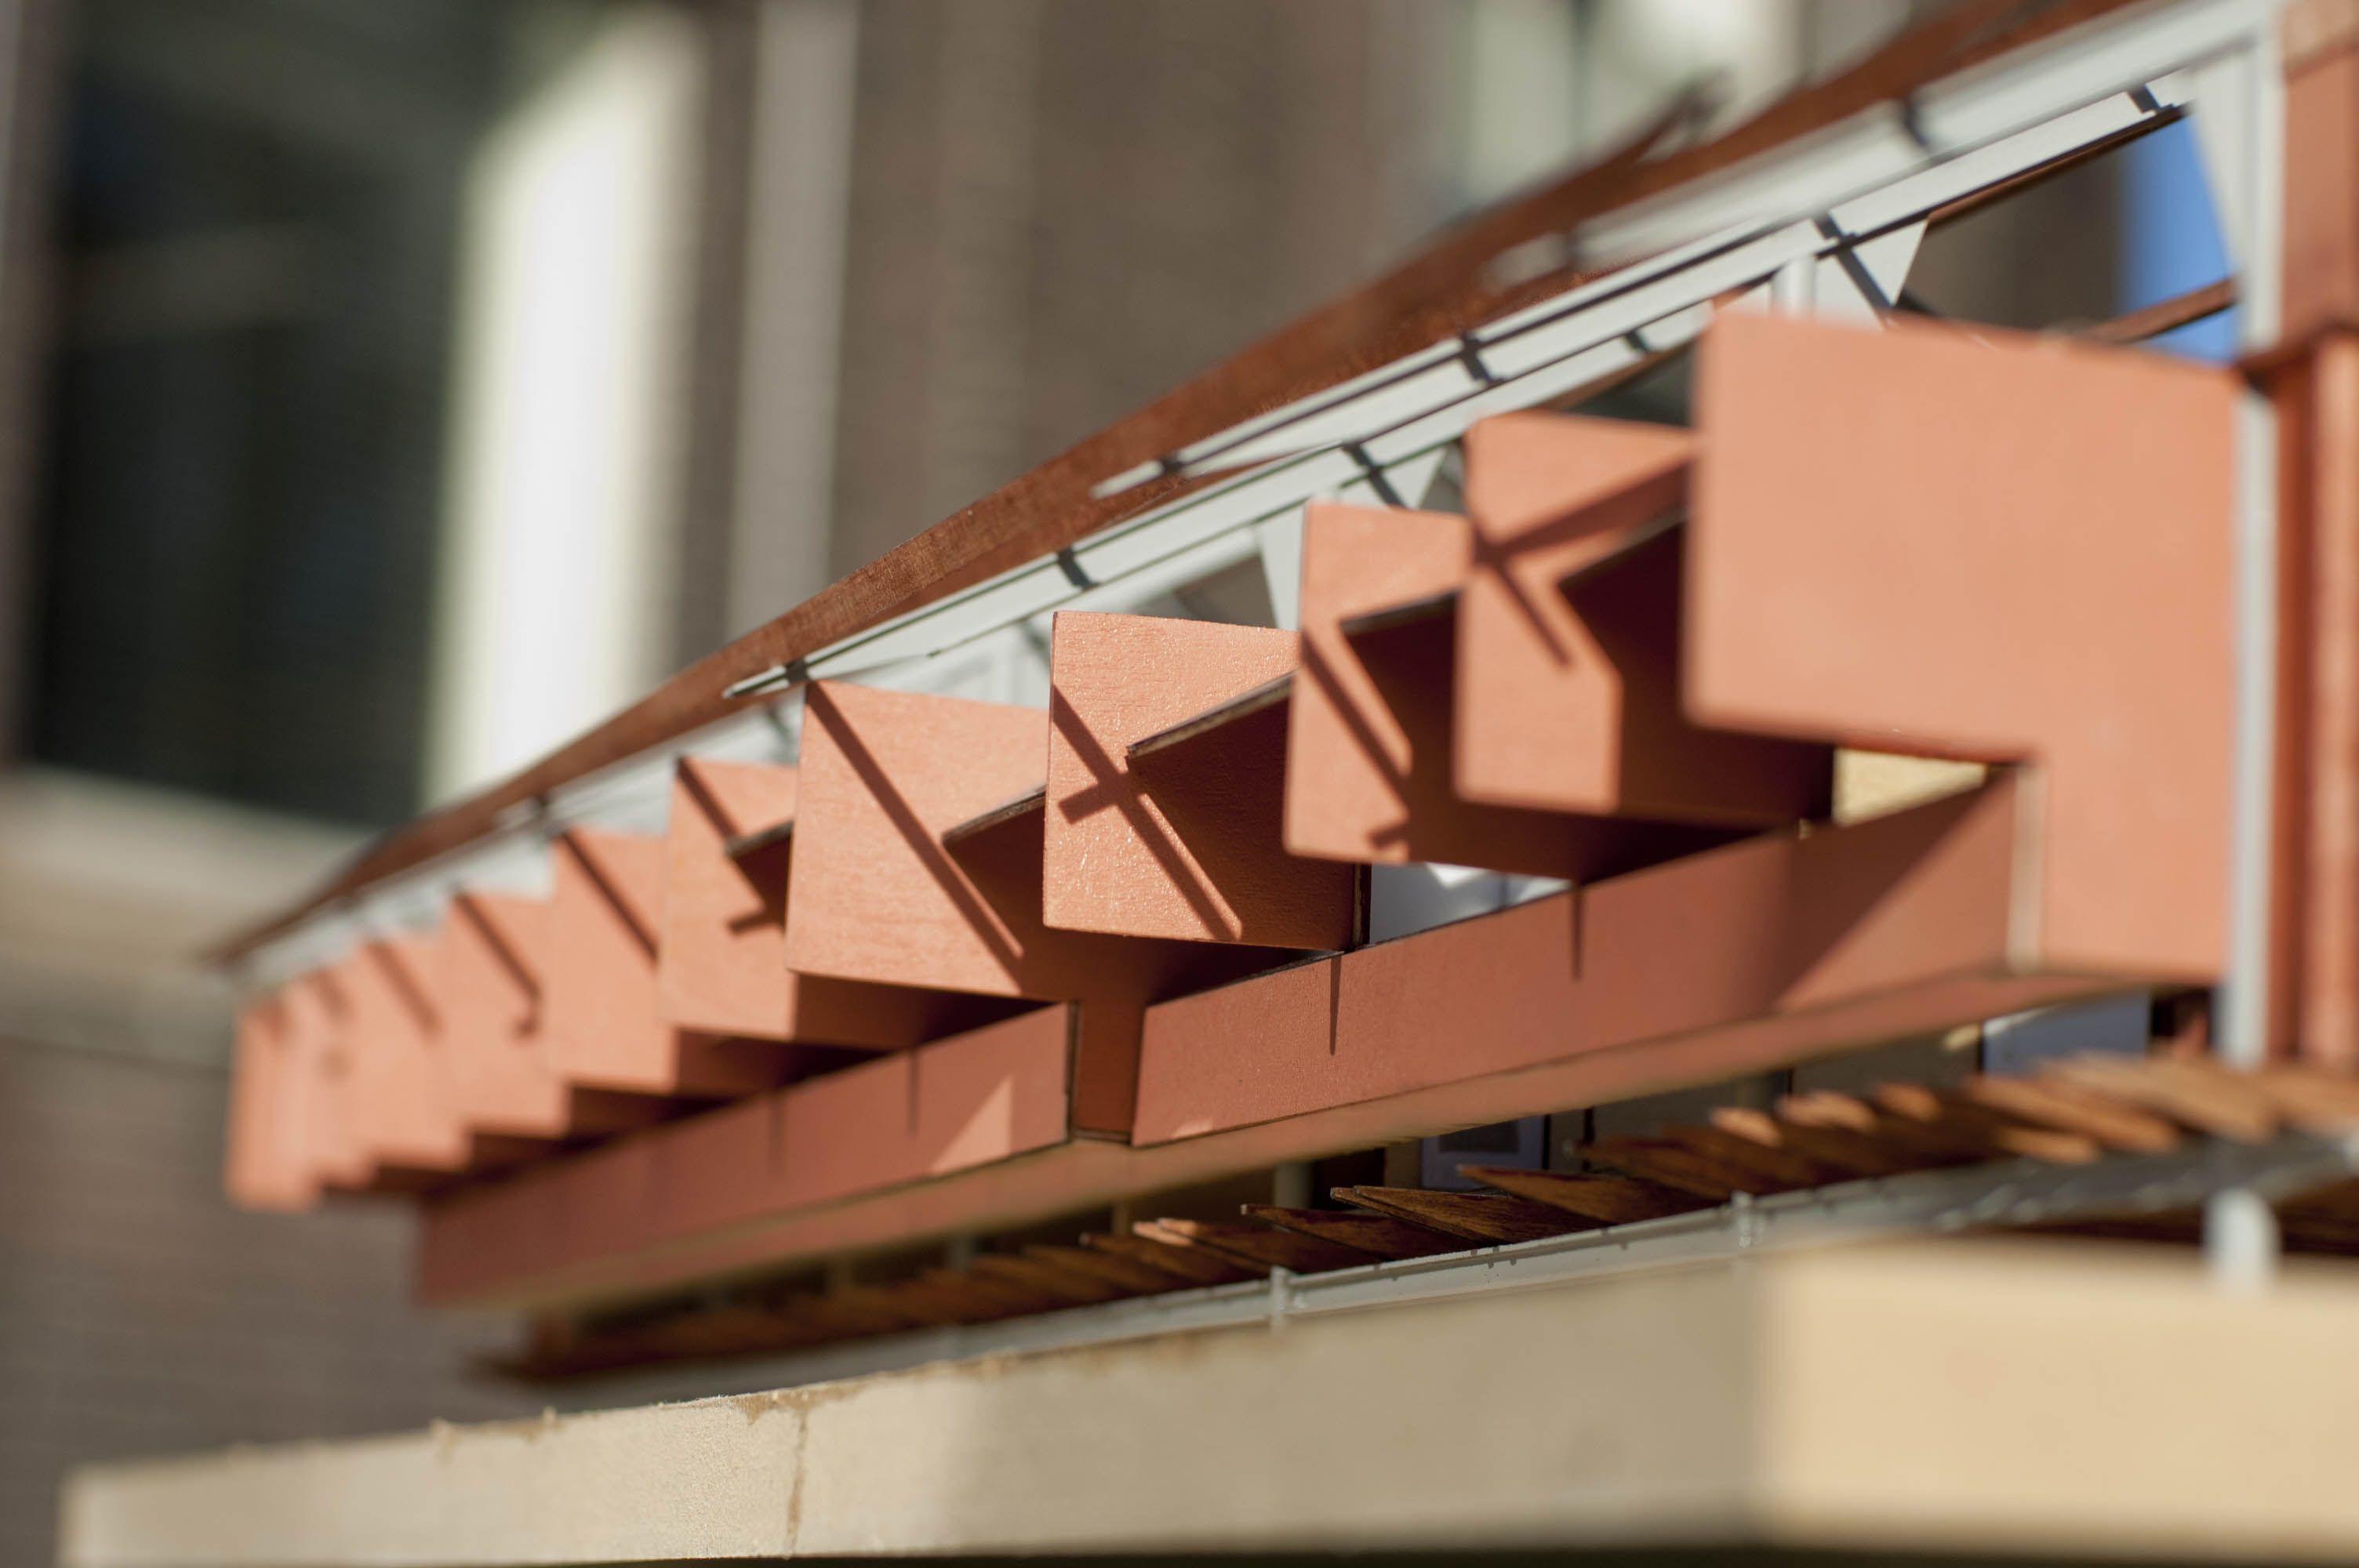 f981681447e8f Architectural model made in Delft